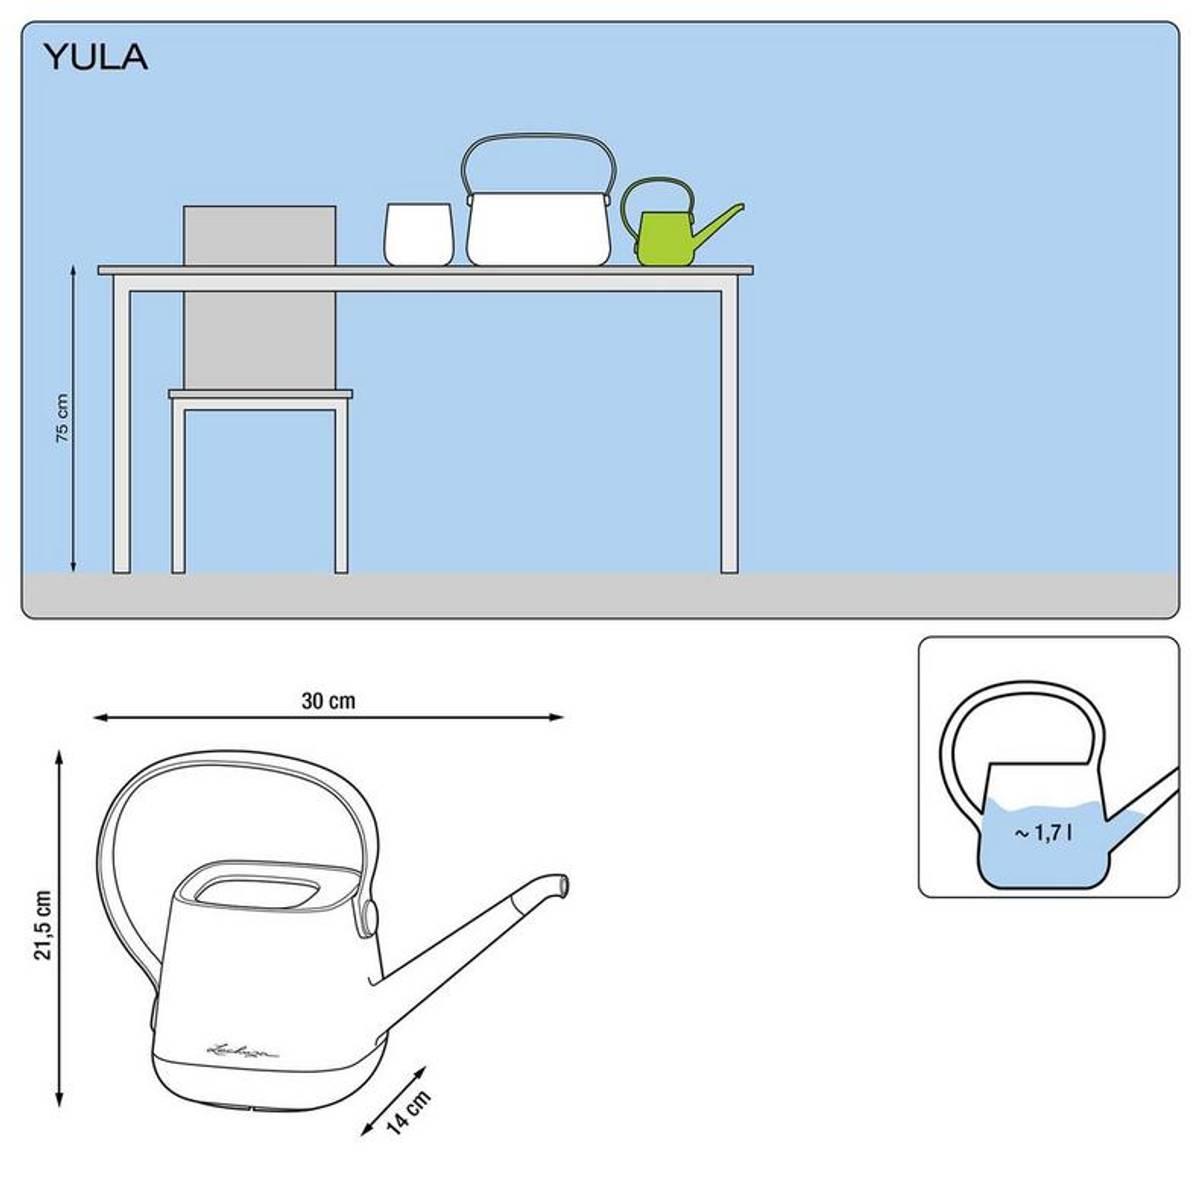 YULA Vannkanne 'White/Pistachio' 1,7 liter, Lechuza